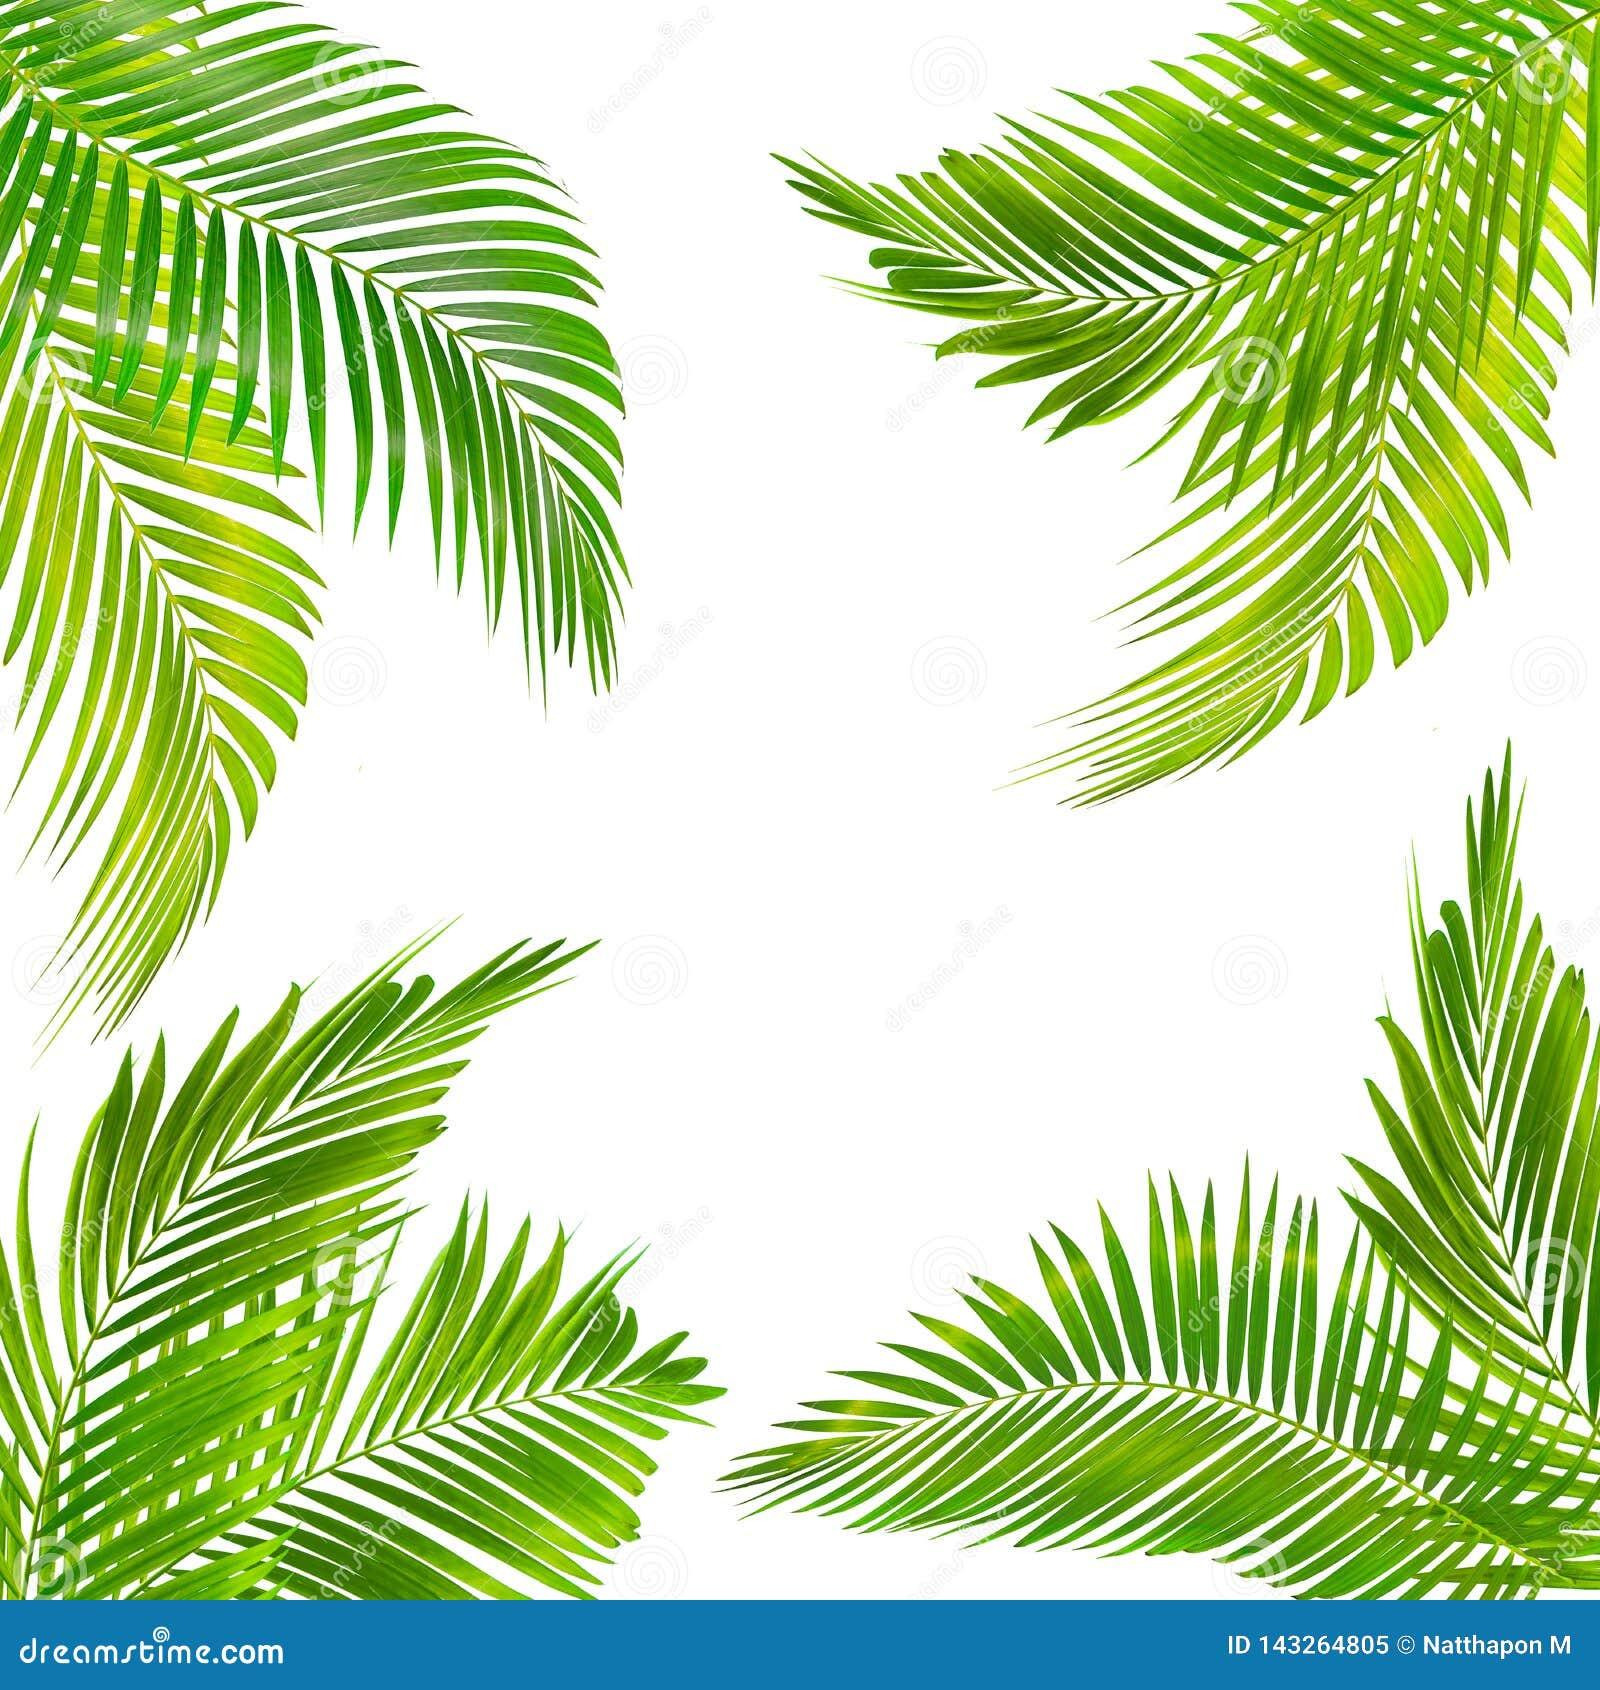 Kader voor tekst dat van groen palmblad wordt gemaakt dat op witte achtergrond wordt geïsoleerd